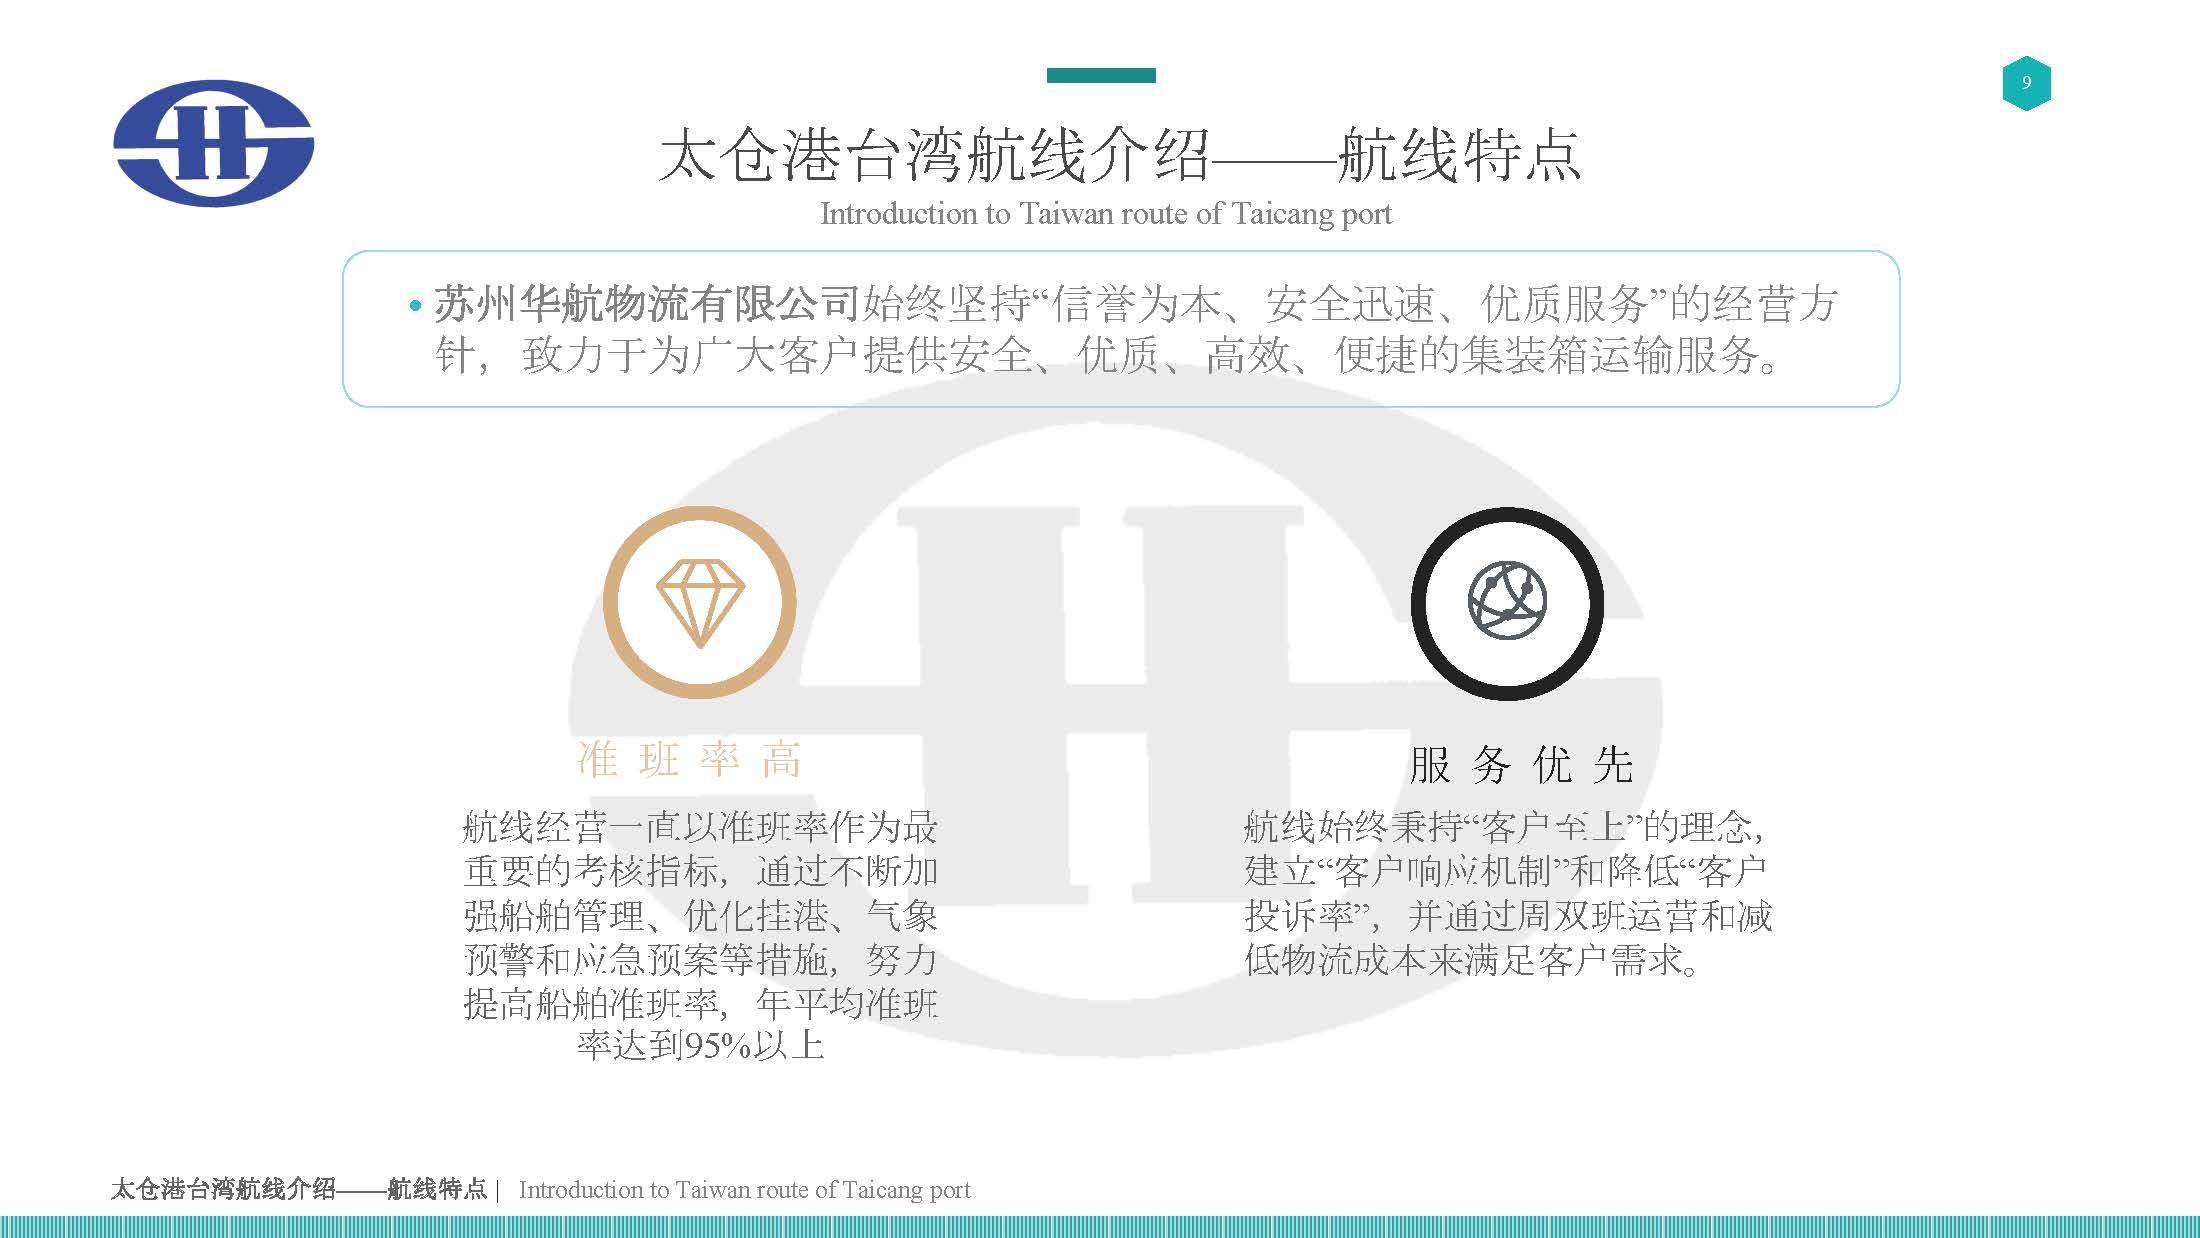 蘇州華航資料_頁面_06